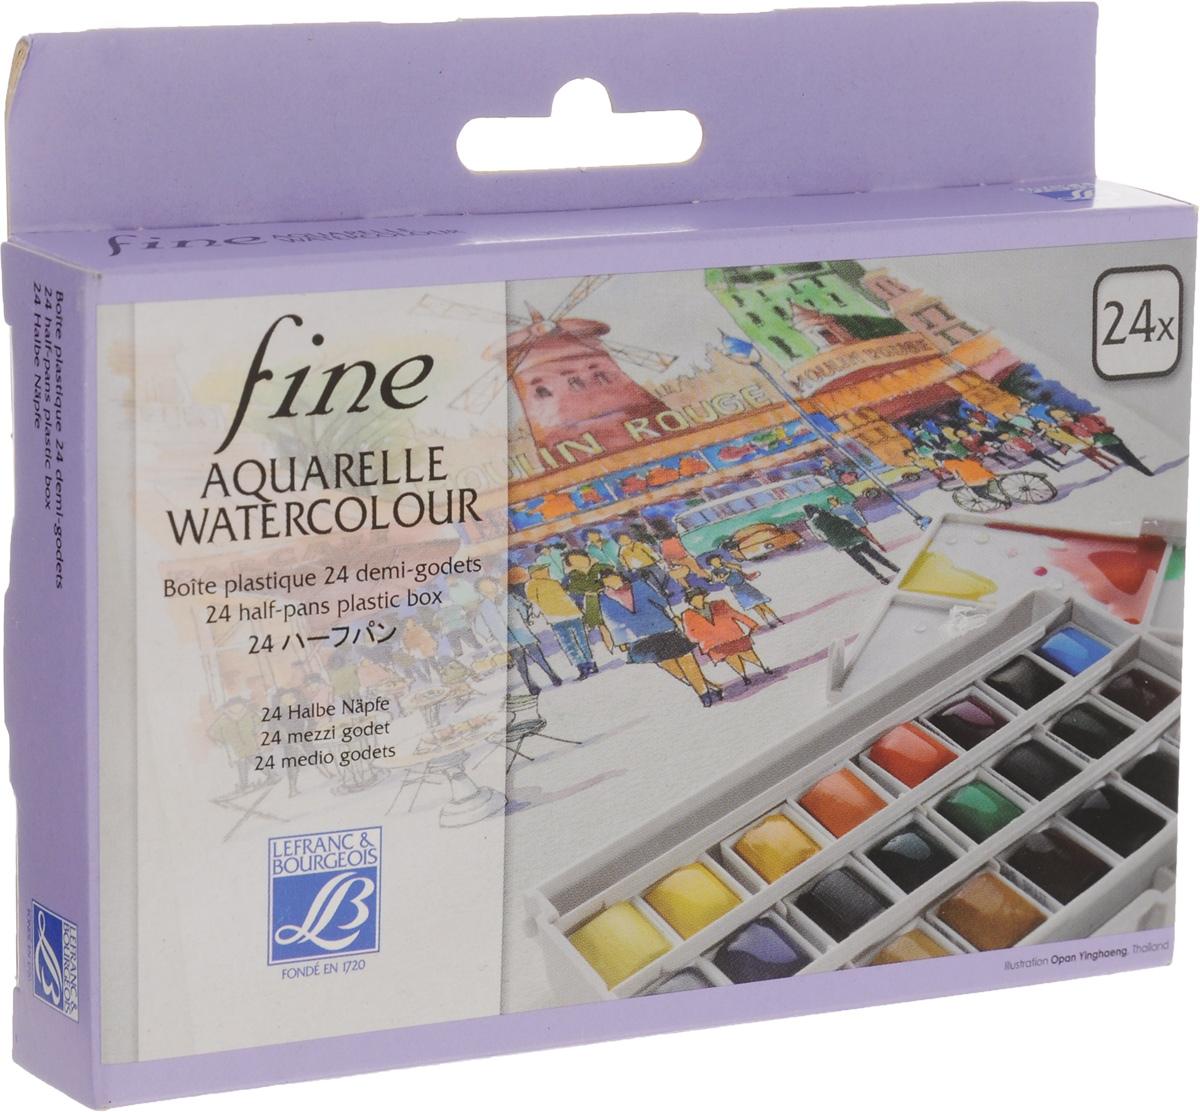 Набор акварельных красок Lefranc & Bourgeois Fine, 24 цветаLF601661Набор акварельных красок Lefranc & Bourgeois Fine состоит из 24 кюветов разныхцветов в пластиковой коробке. Крышка коробки может использоваться какпалитра. Данная форма акварели эффективна в работе над небольшимикартинами, а также на пленэре при выполнении набросков.